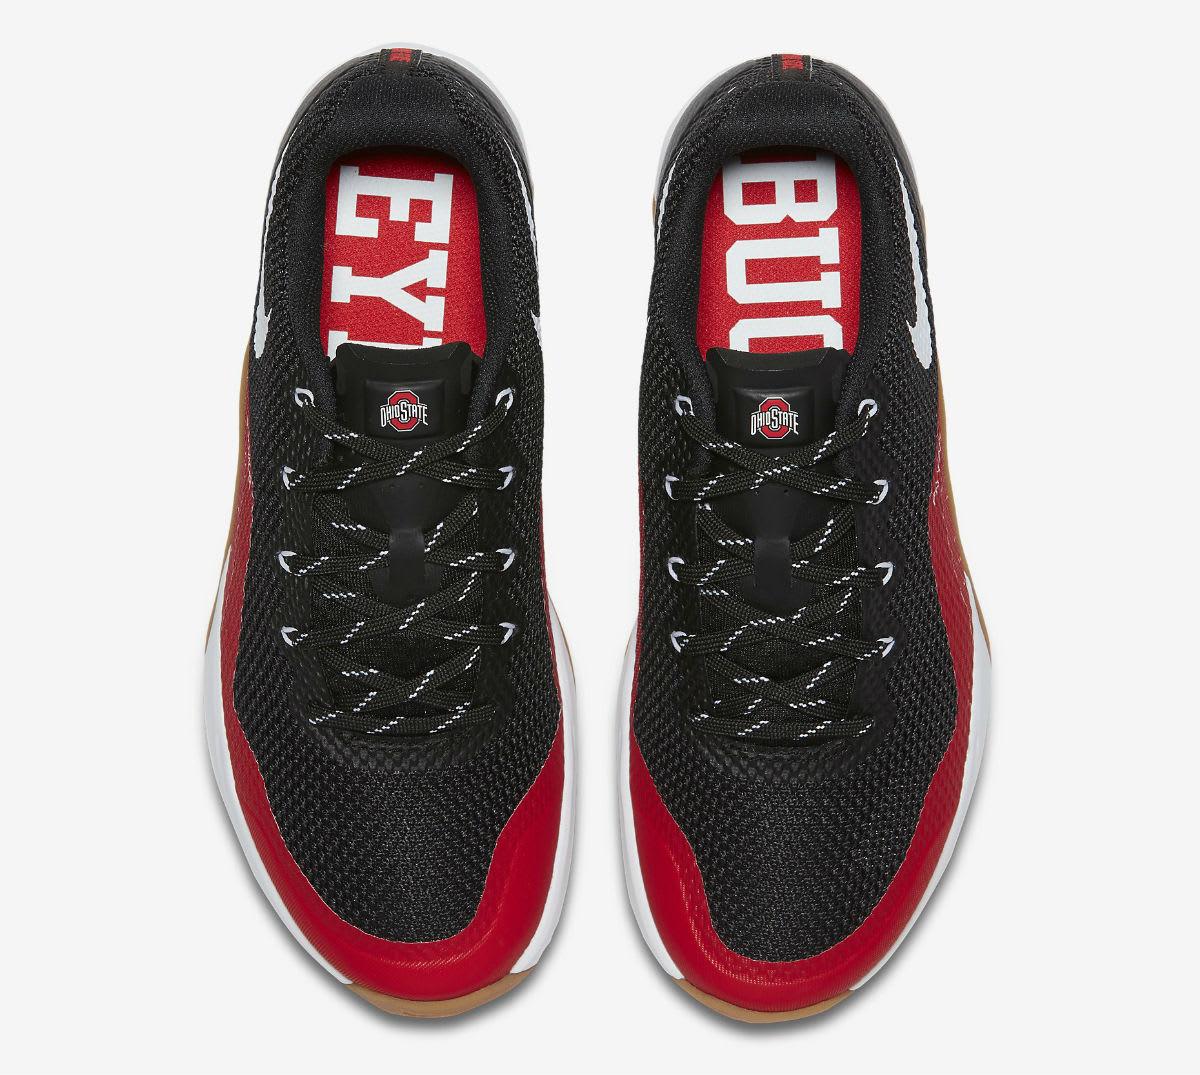 Nike Metcon Repper DSX Ohio State Release Date (2)